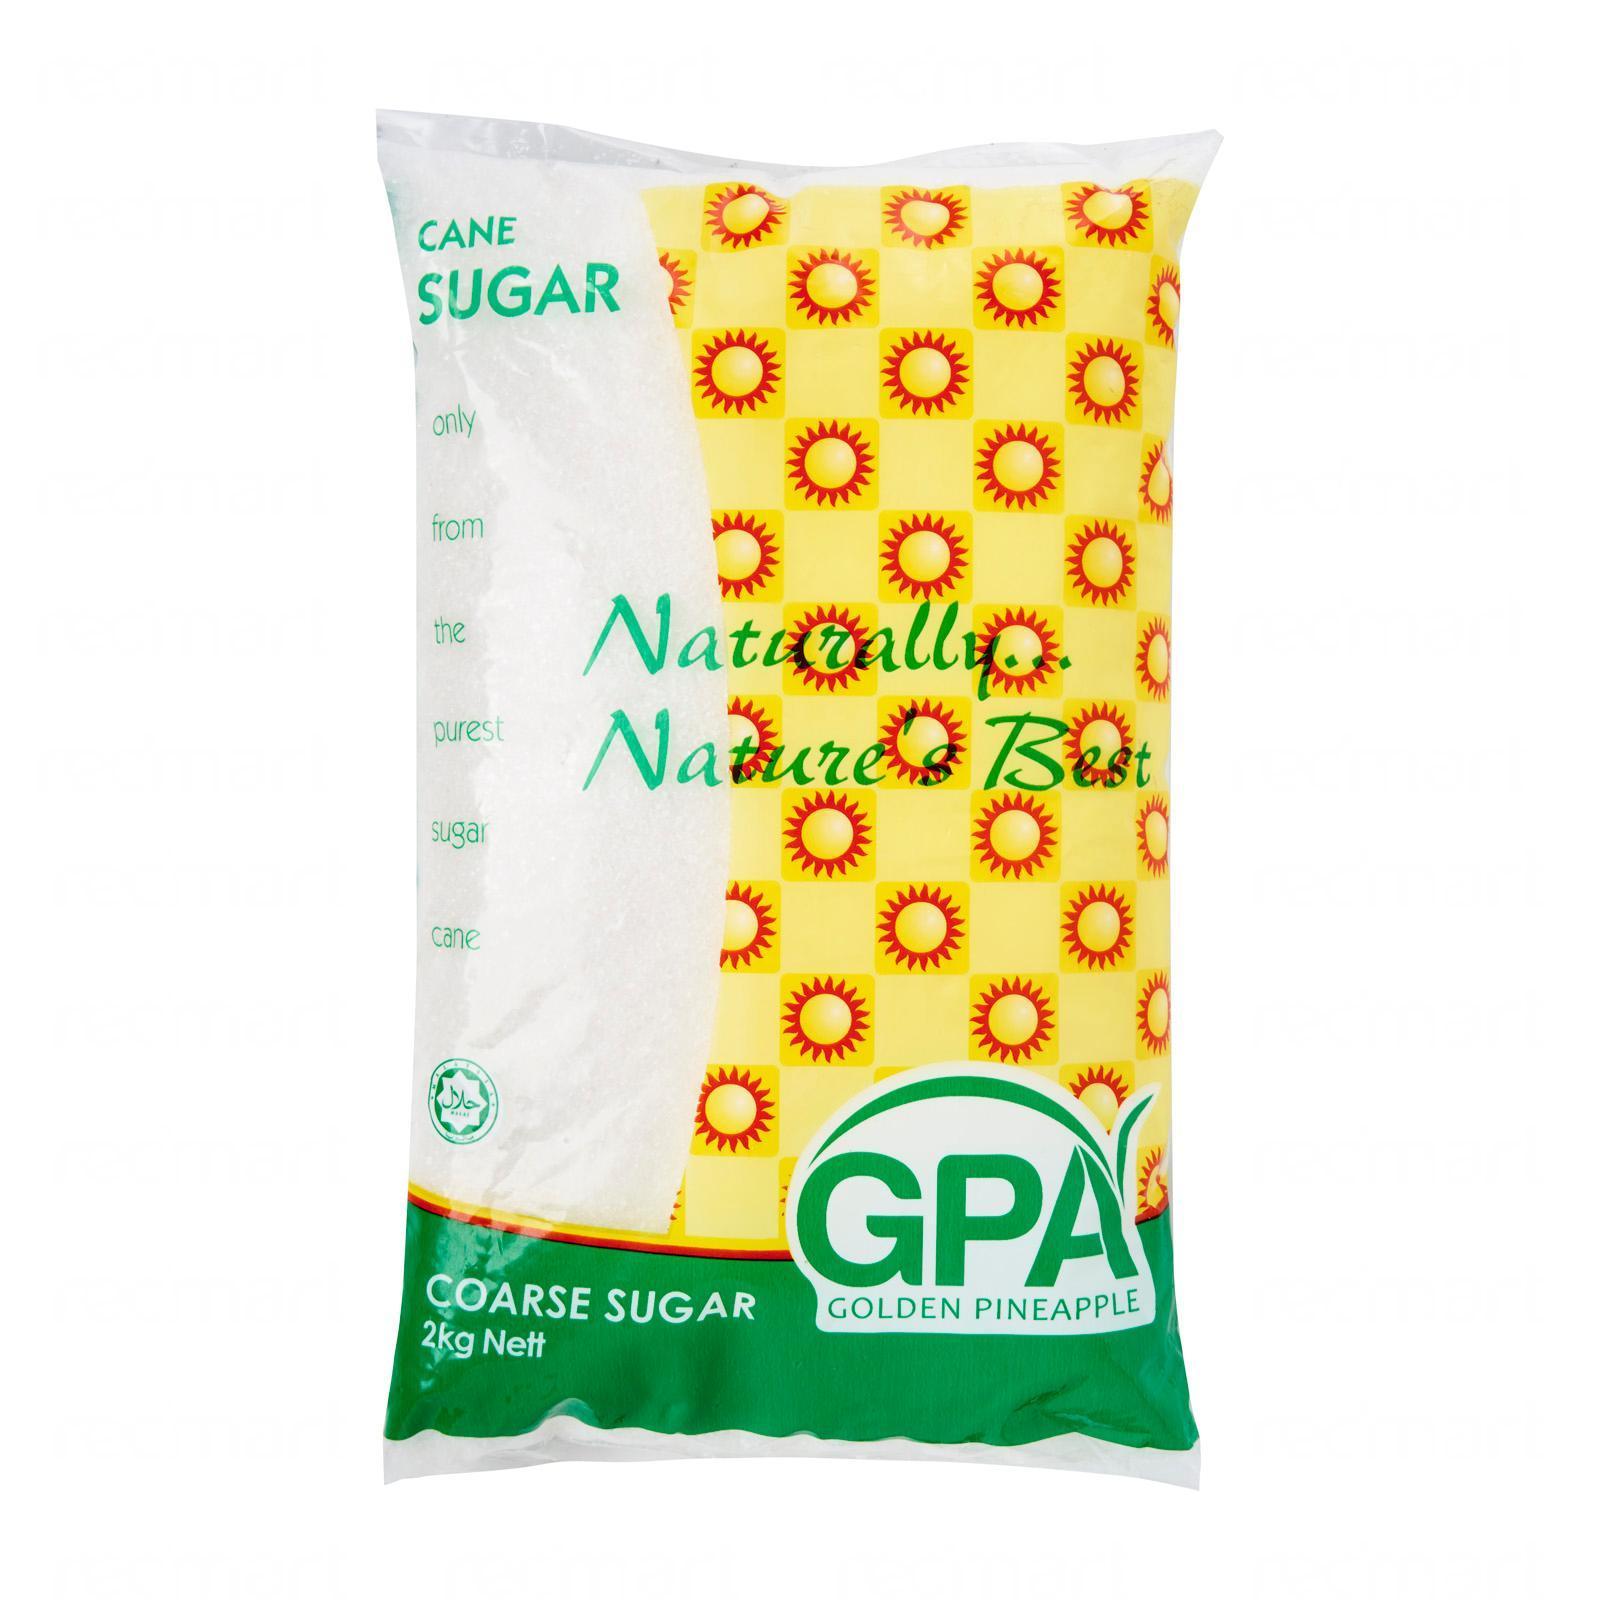 GPA Coarse Grain White Sugar For Baking Confections